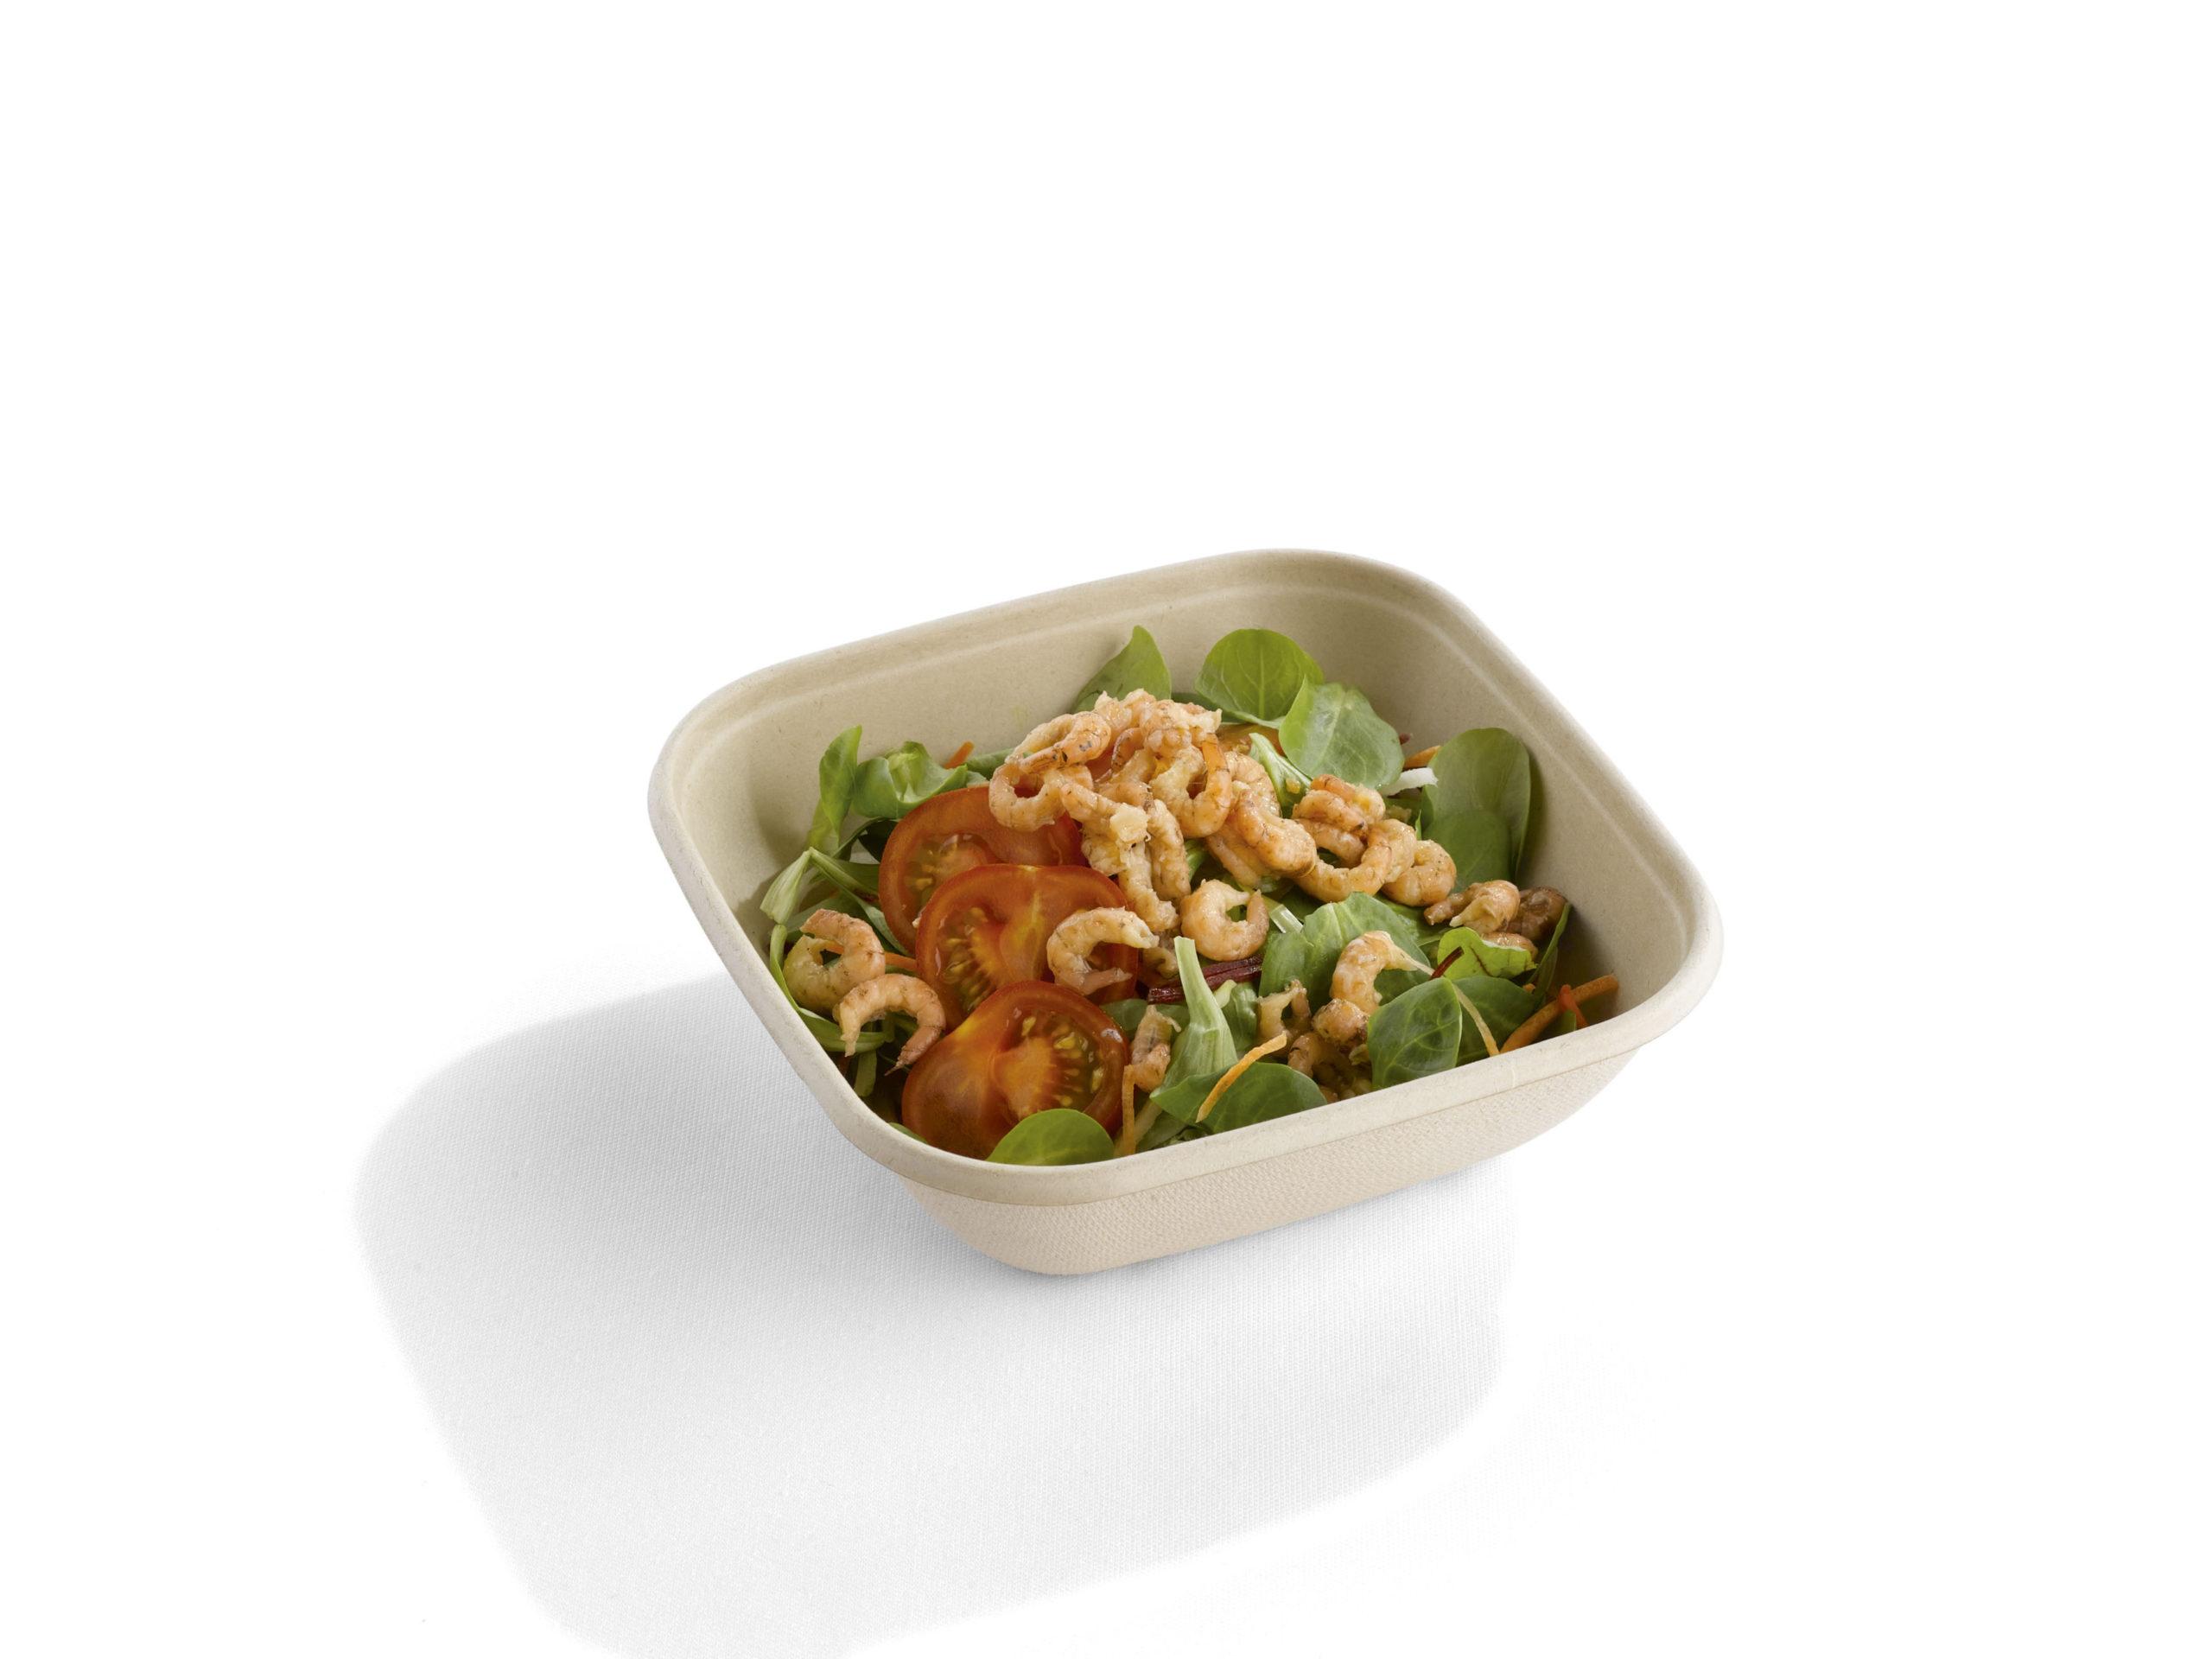 Vierkante saladebowl ongebleekt suikerriet 750 ml gevuld